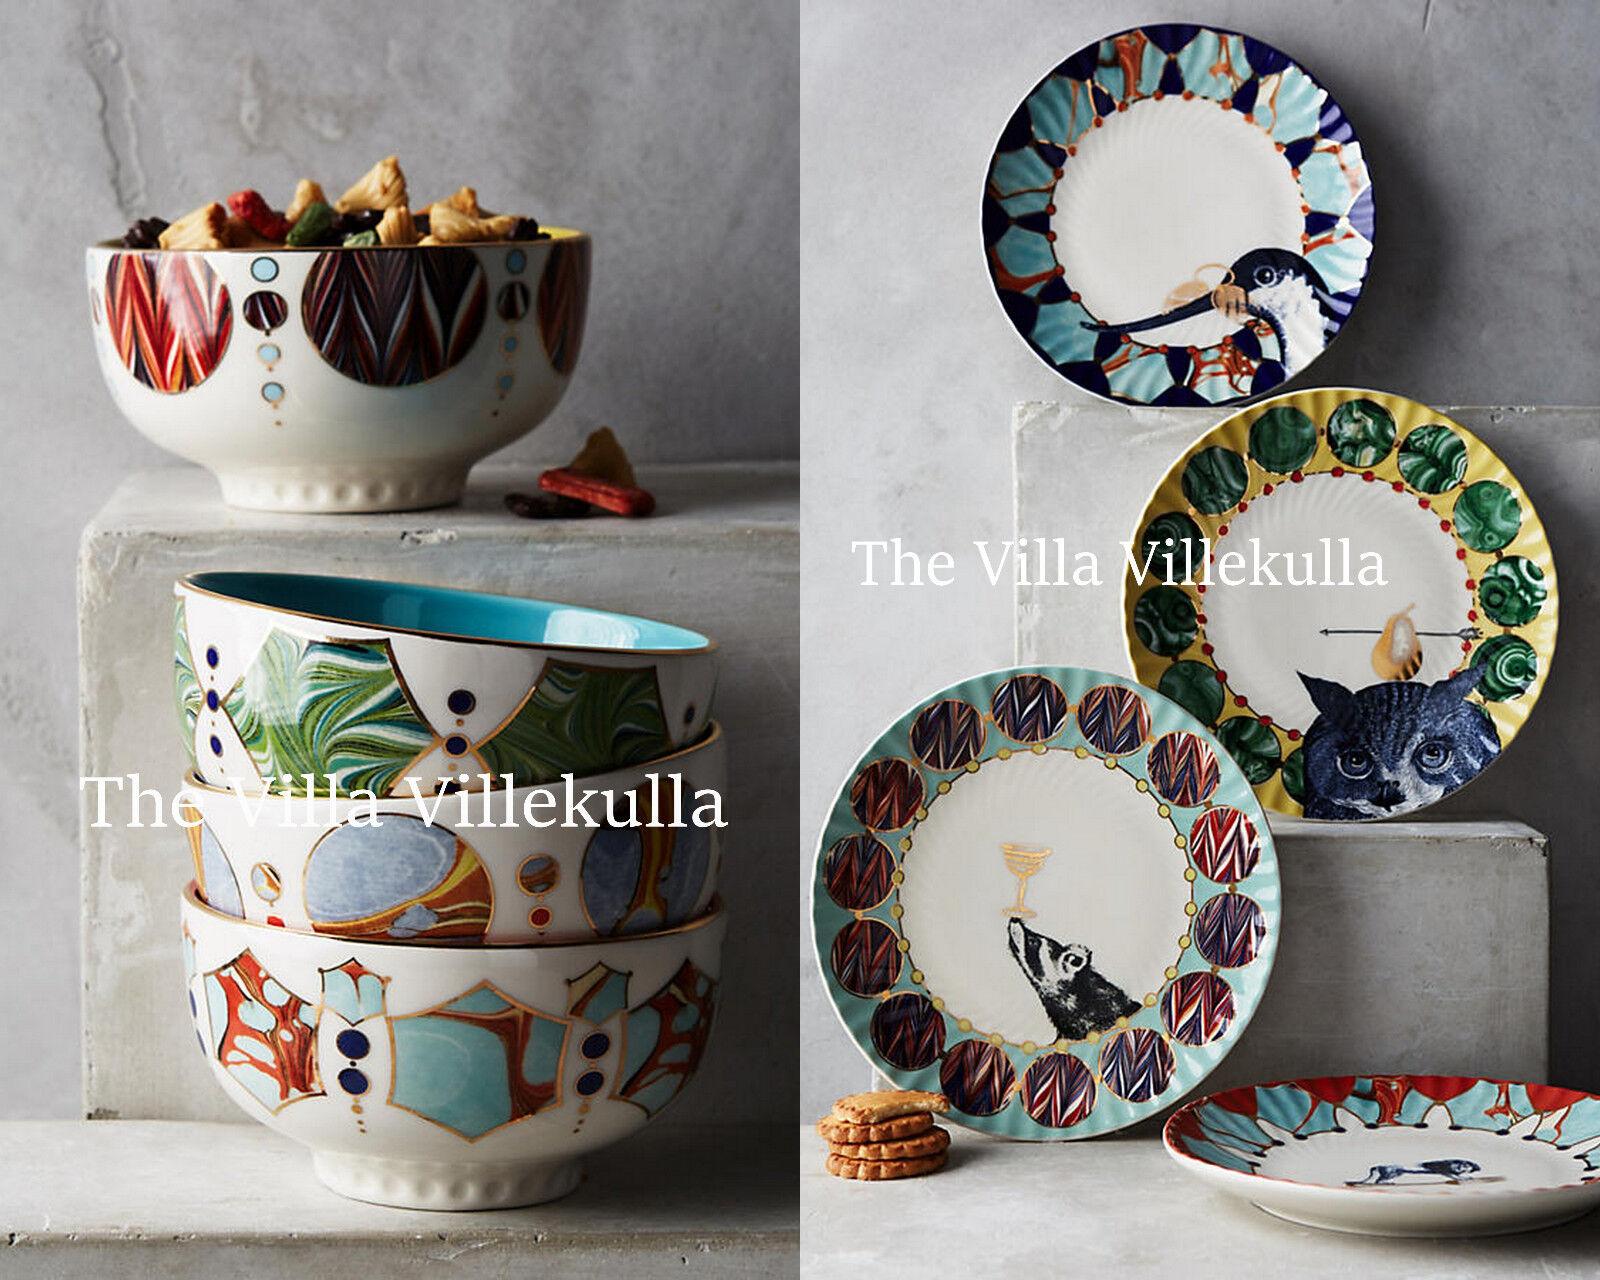 Nouveau Anthropologie Quillen 8 pièces. Complet Plate & Bol Set  Lion, Owl, Badger, Crane